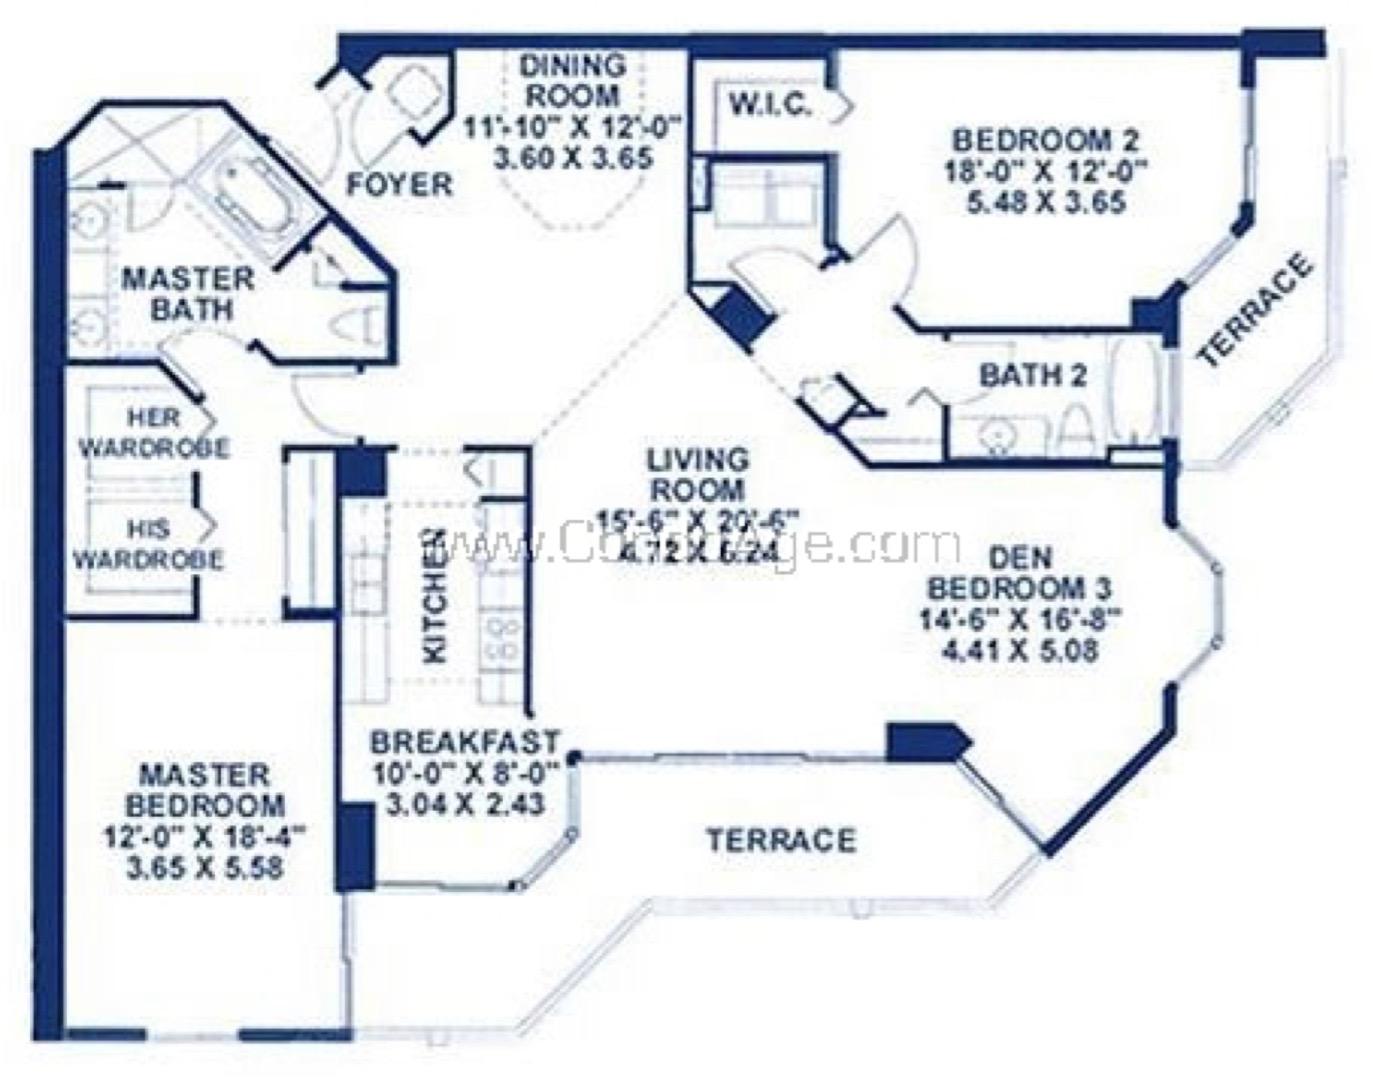 Floor plan image L - 2/2/Den  - 1865 sqft image